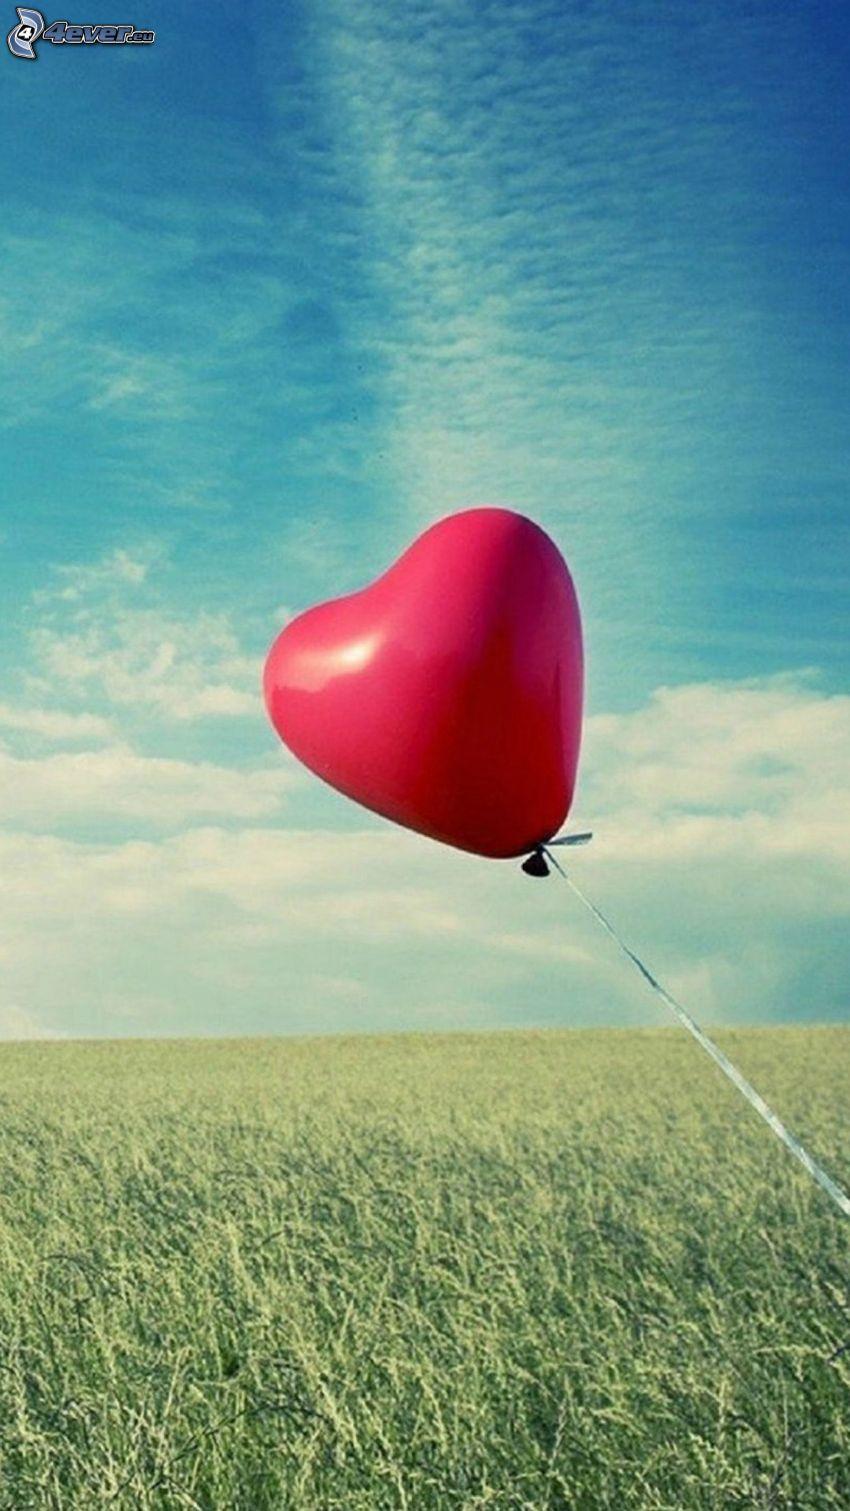 palloncino, cuore, prato